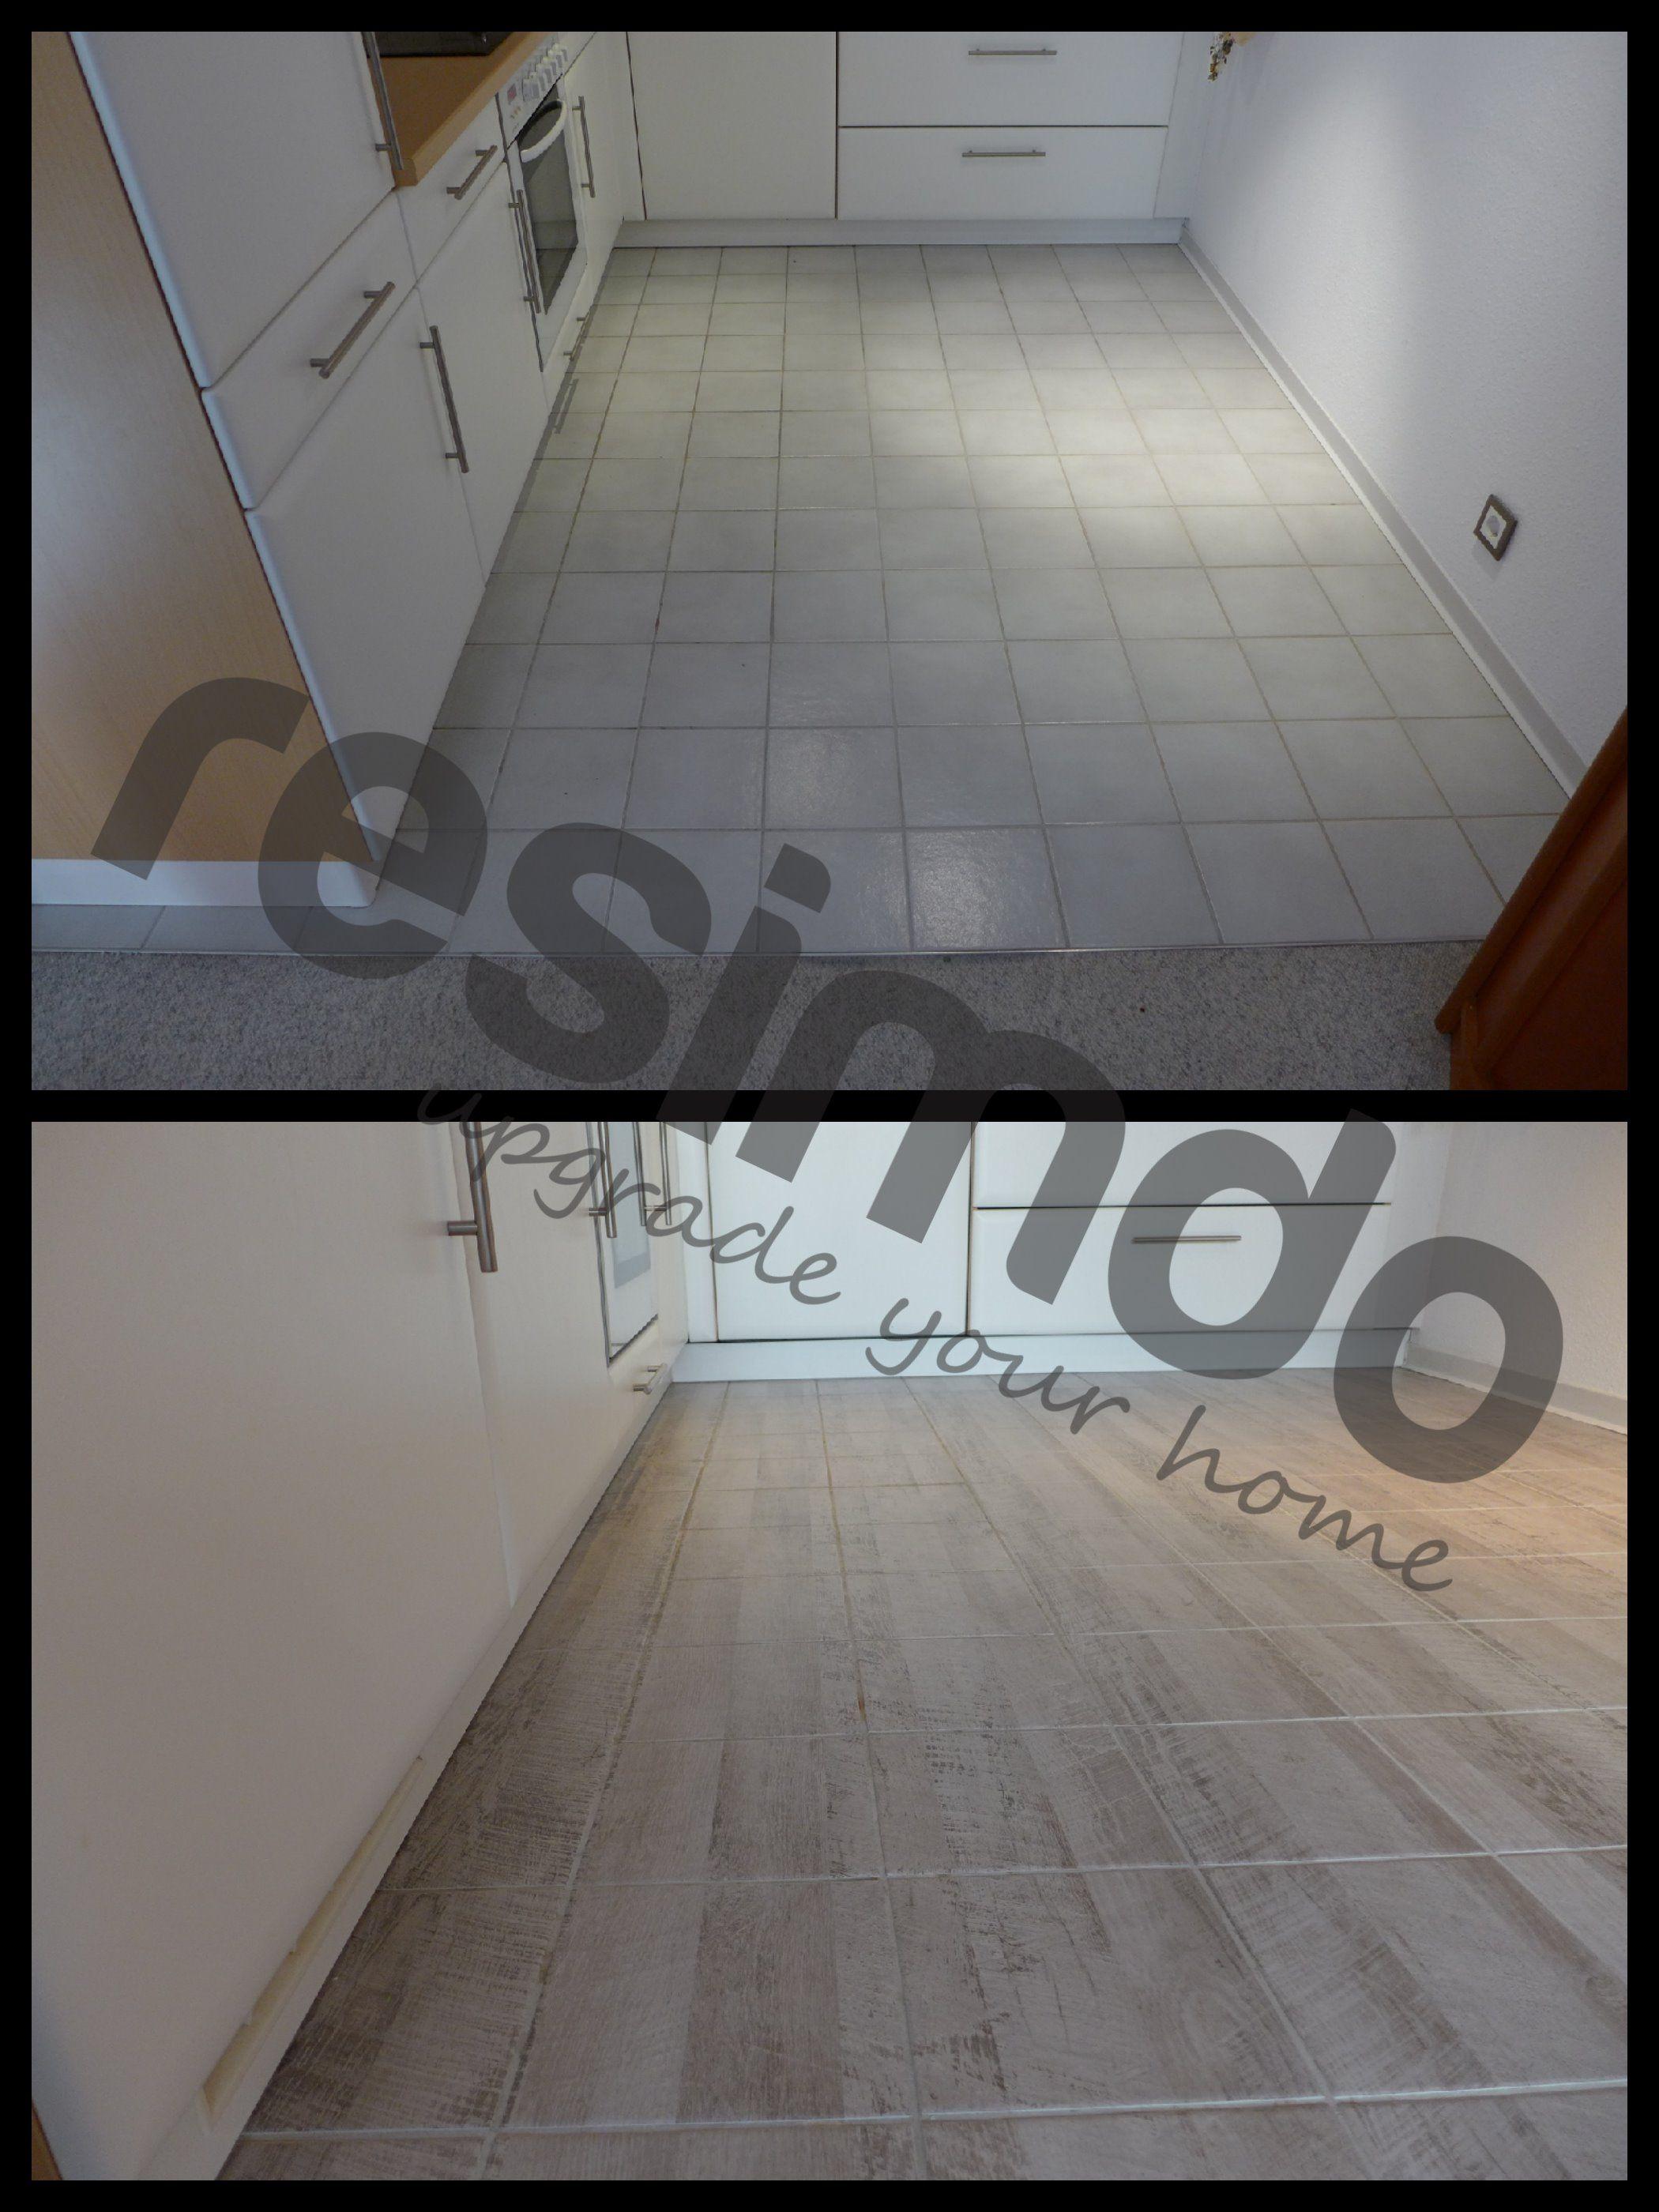 Badezimmer Renovieren Rot Mobel Folie Upcycling Schonerwohnen Interior Diy Homediy Heimwerken Ausaltmachneu Kuche Vari Folie Fussboden Kuche Tisch